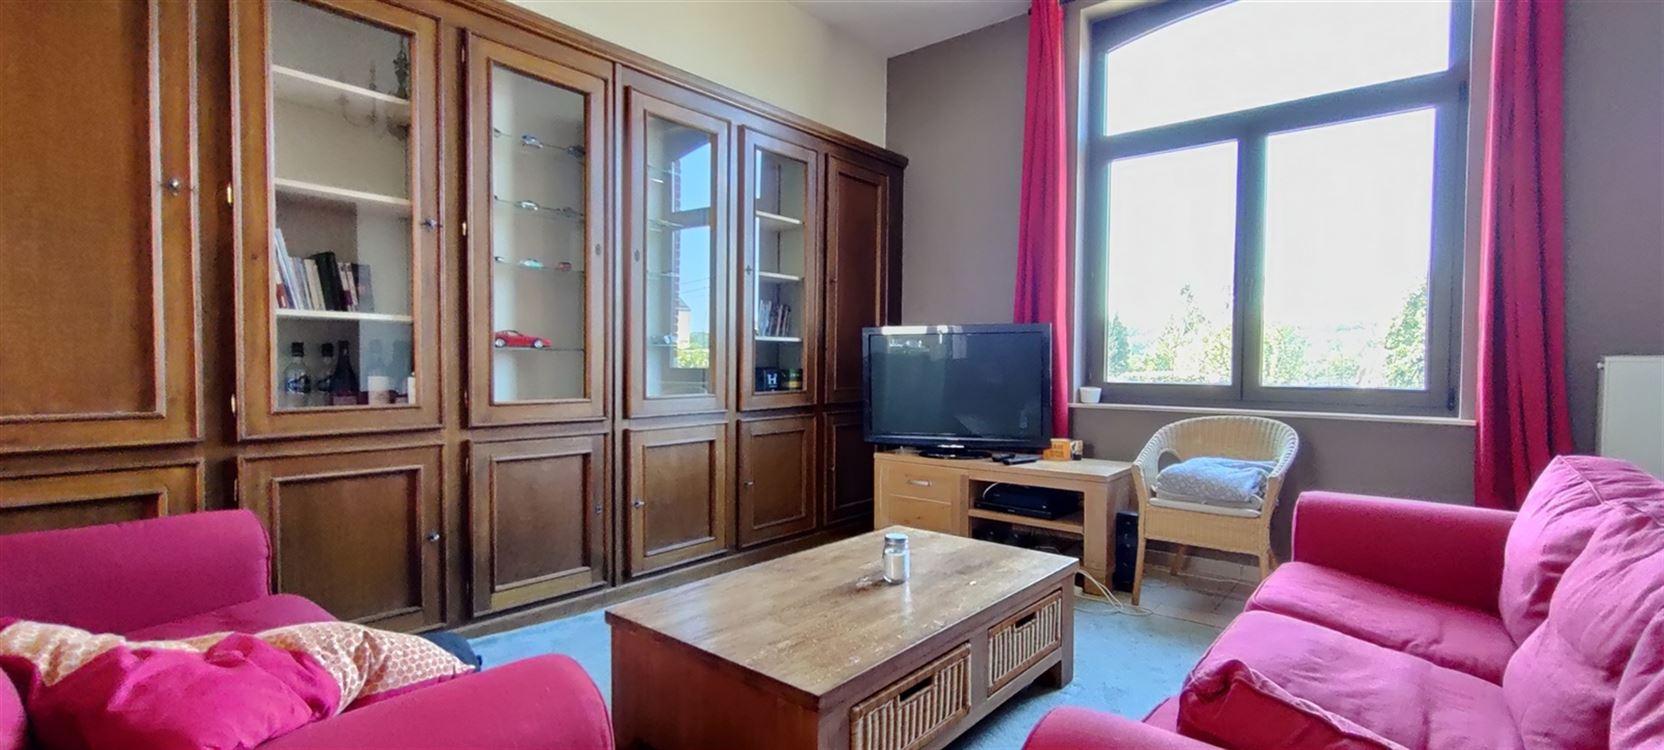 Foto 3 : Huis te 1490 COURT-SAINT-ETIENNE (België) - Prijs € 399.000